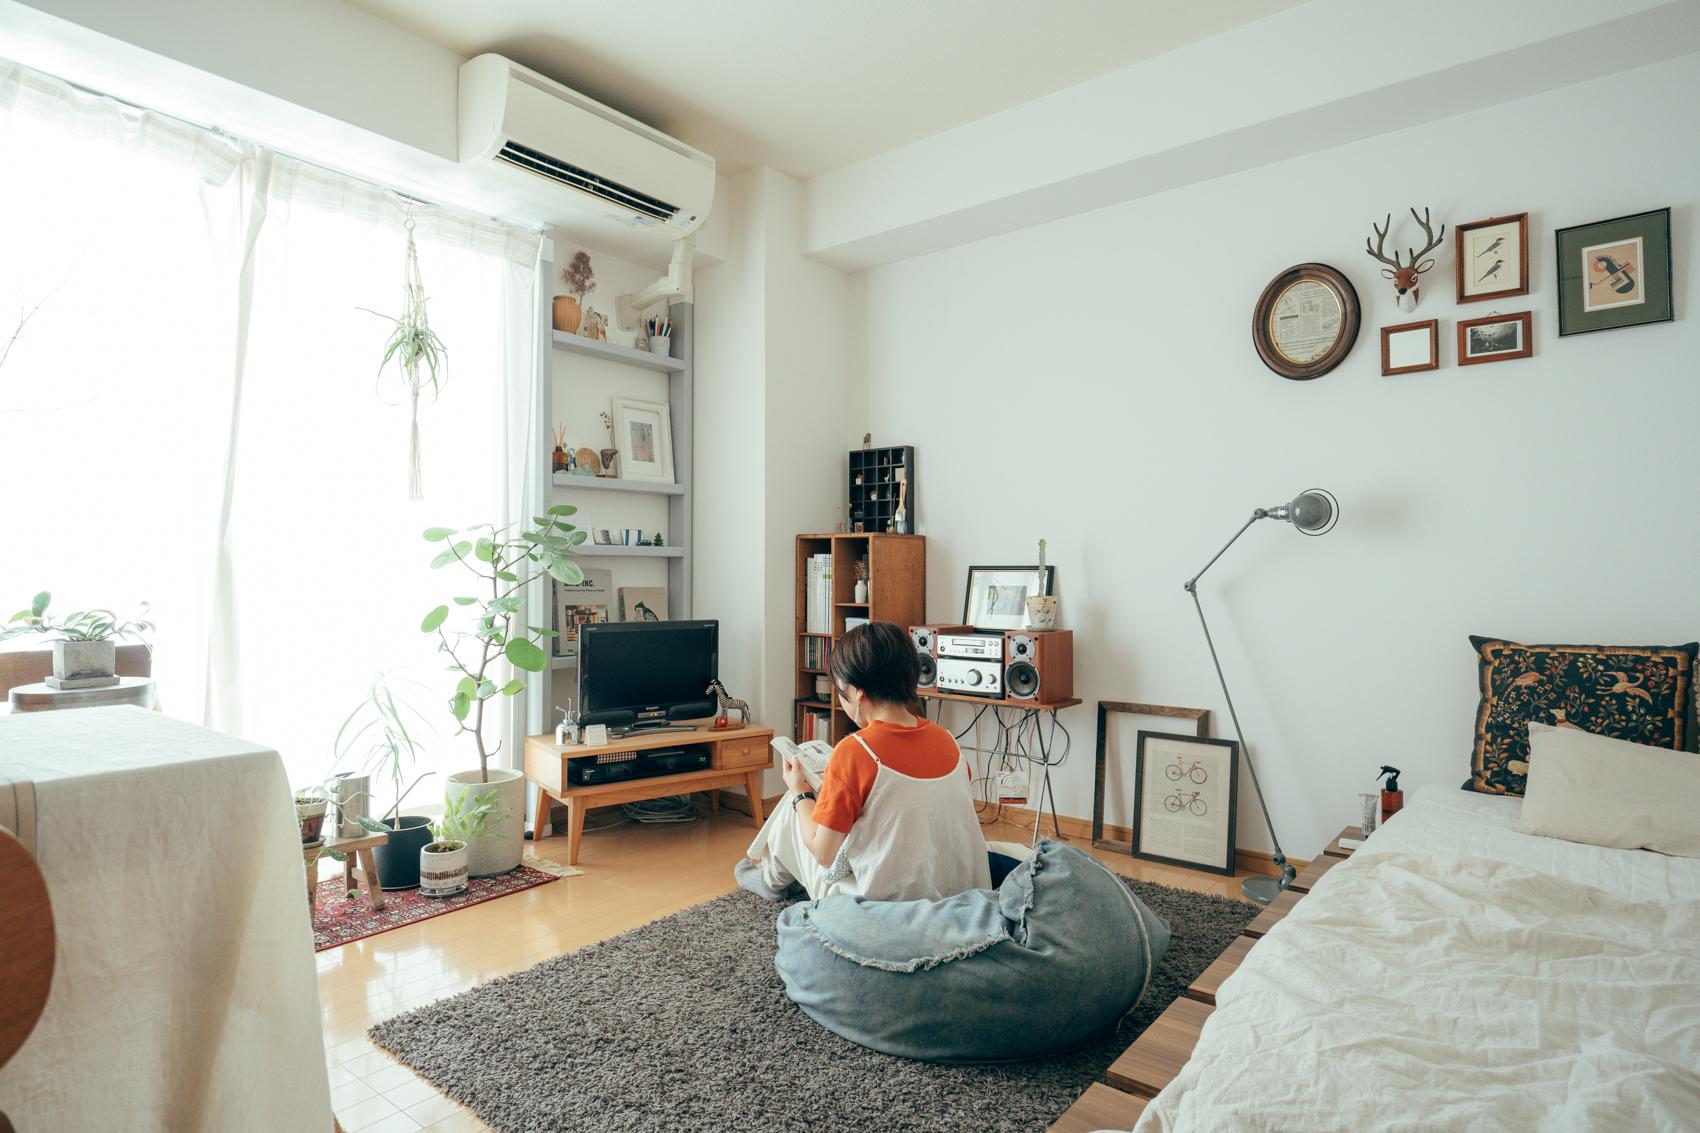 そうした中で見つけた今のお住まい、これまでの趣味が最後のポイントになったとのこと。 「1番の決め手は部屋の形でした。元々家具や雑貨をディスプレイする事が大好きなので、持っている家具達を思い浮かべながら、いかにレイアウトの自由が効く間取りなのかを考えていました。」